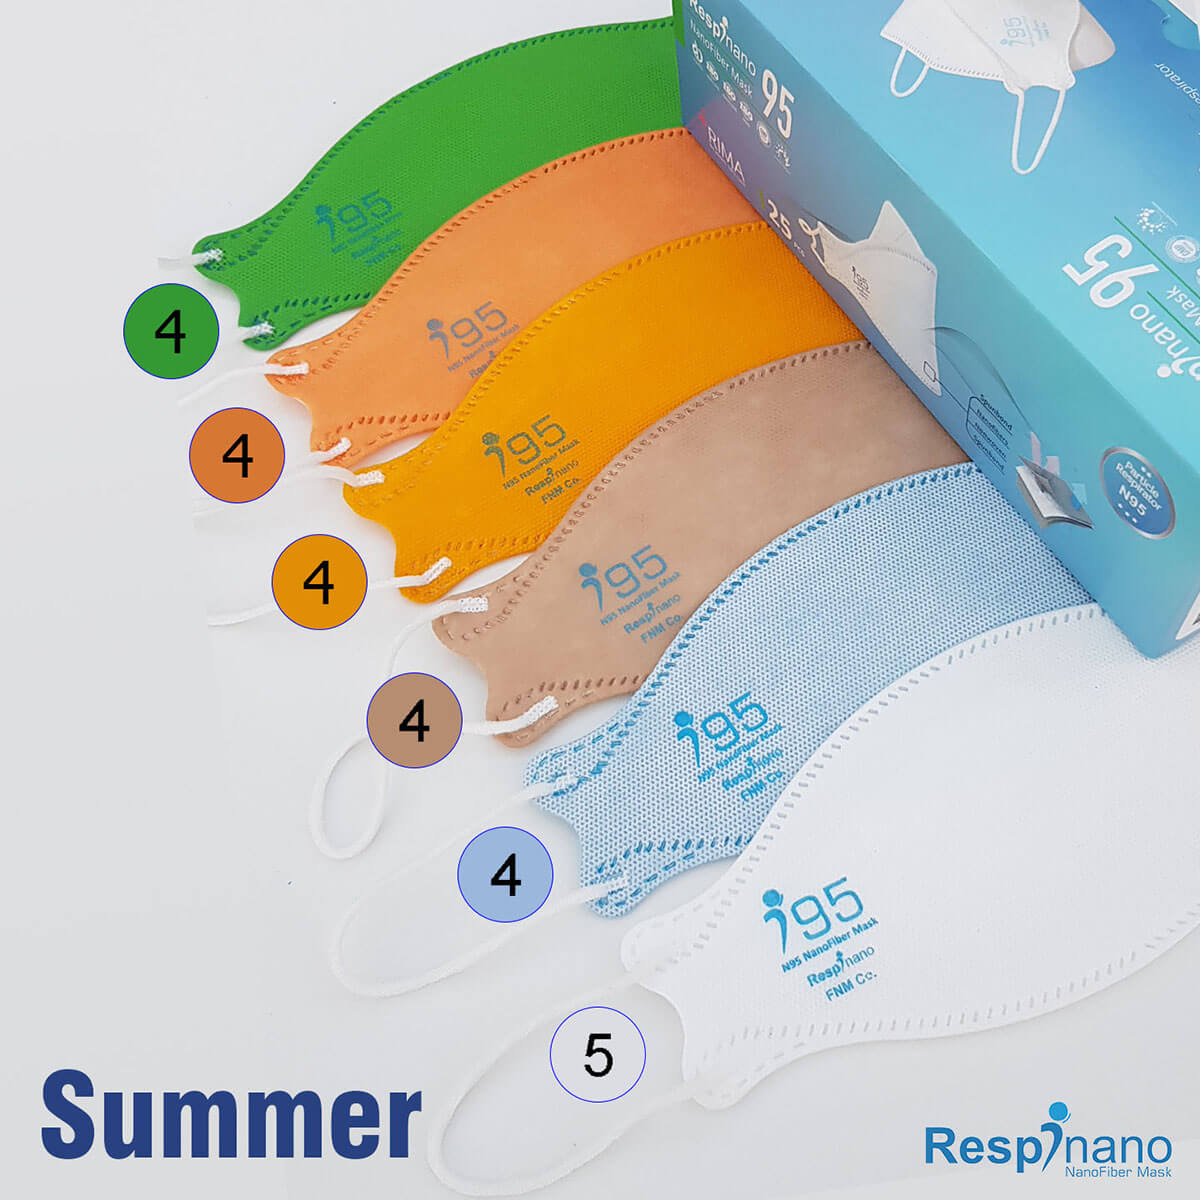 تصویر ماسک تنفسی نانو مدل فیش سایز بزرگ رسپی نانو N95 تابستان